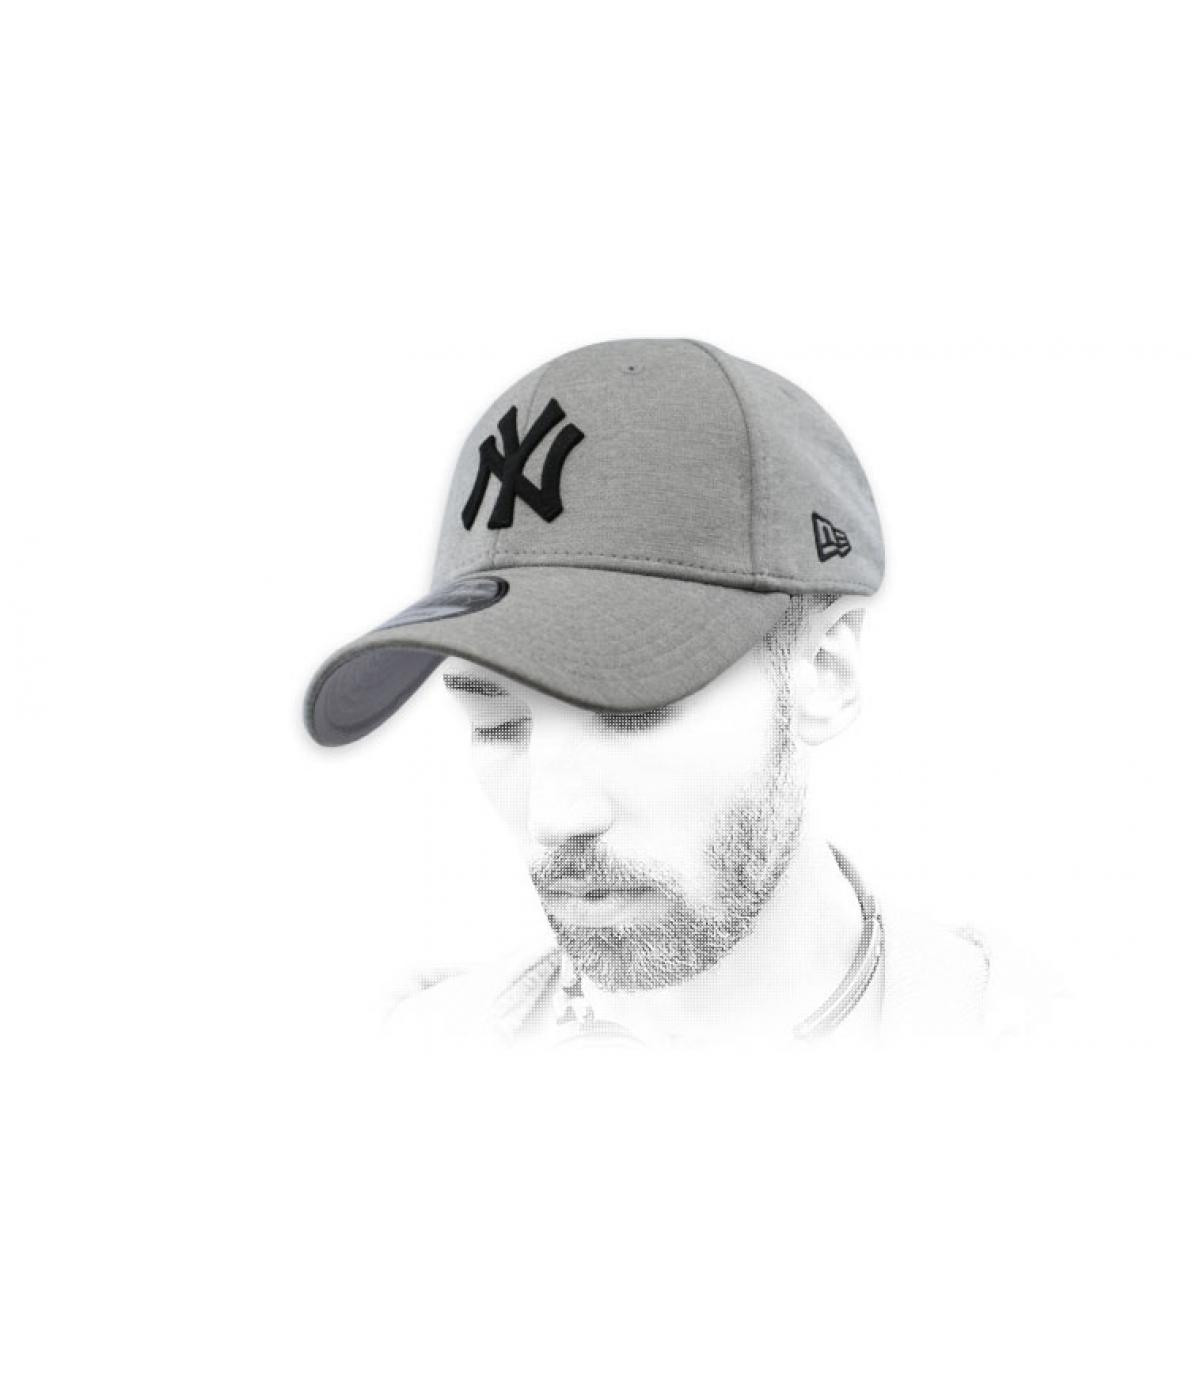 grey and black NY cap